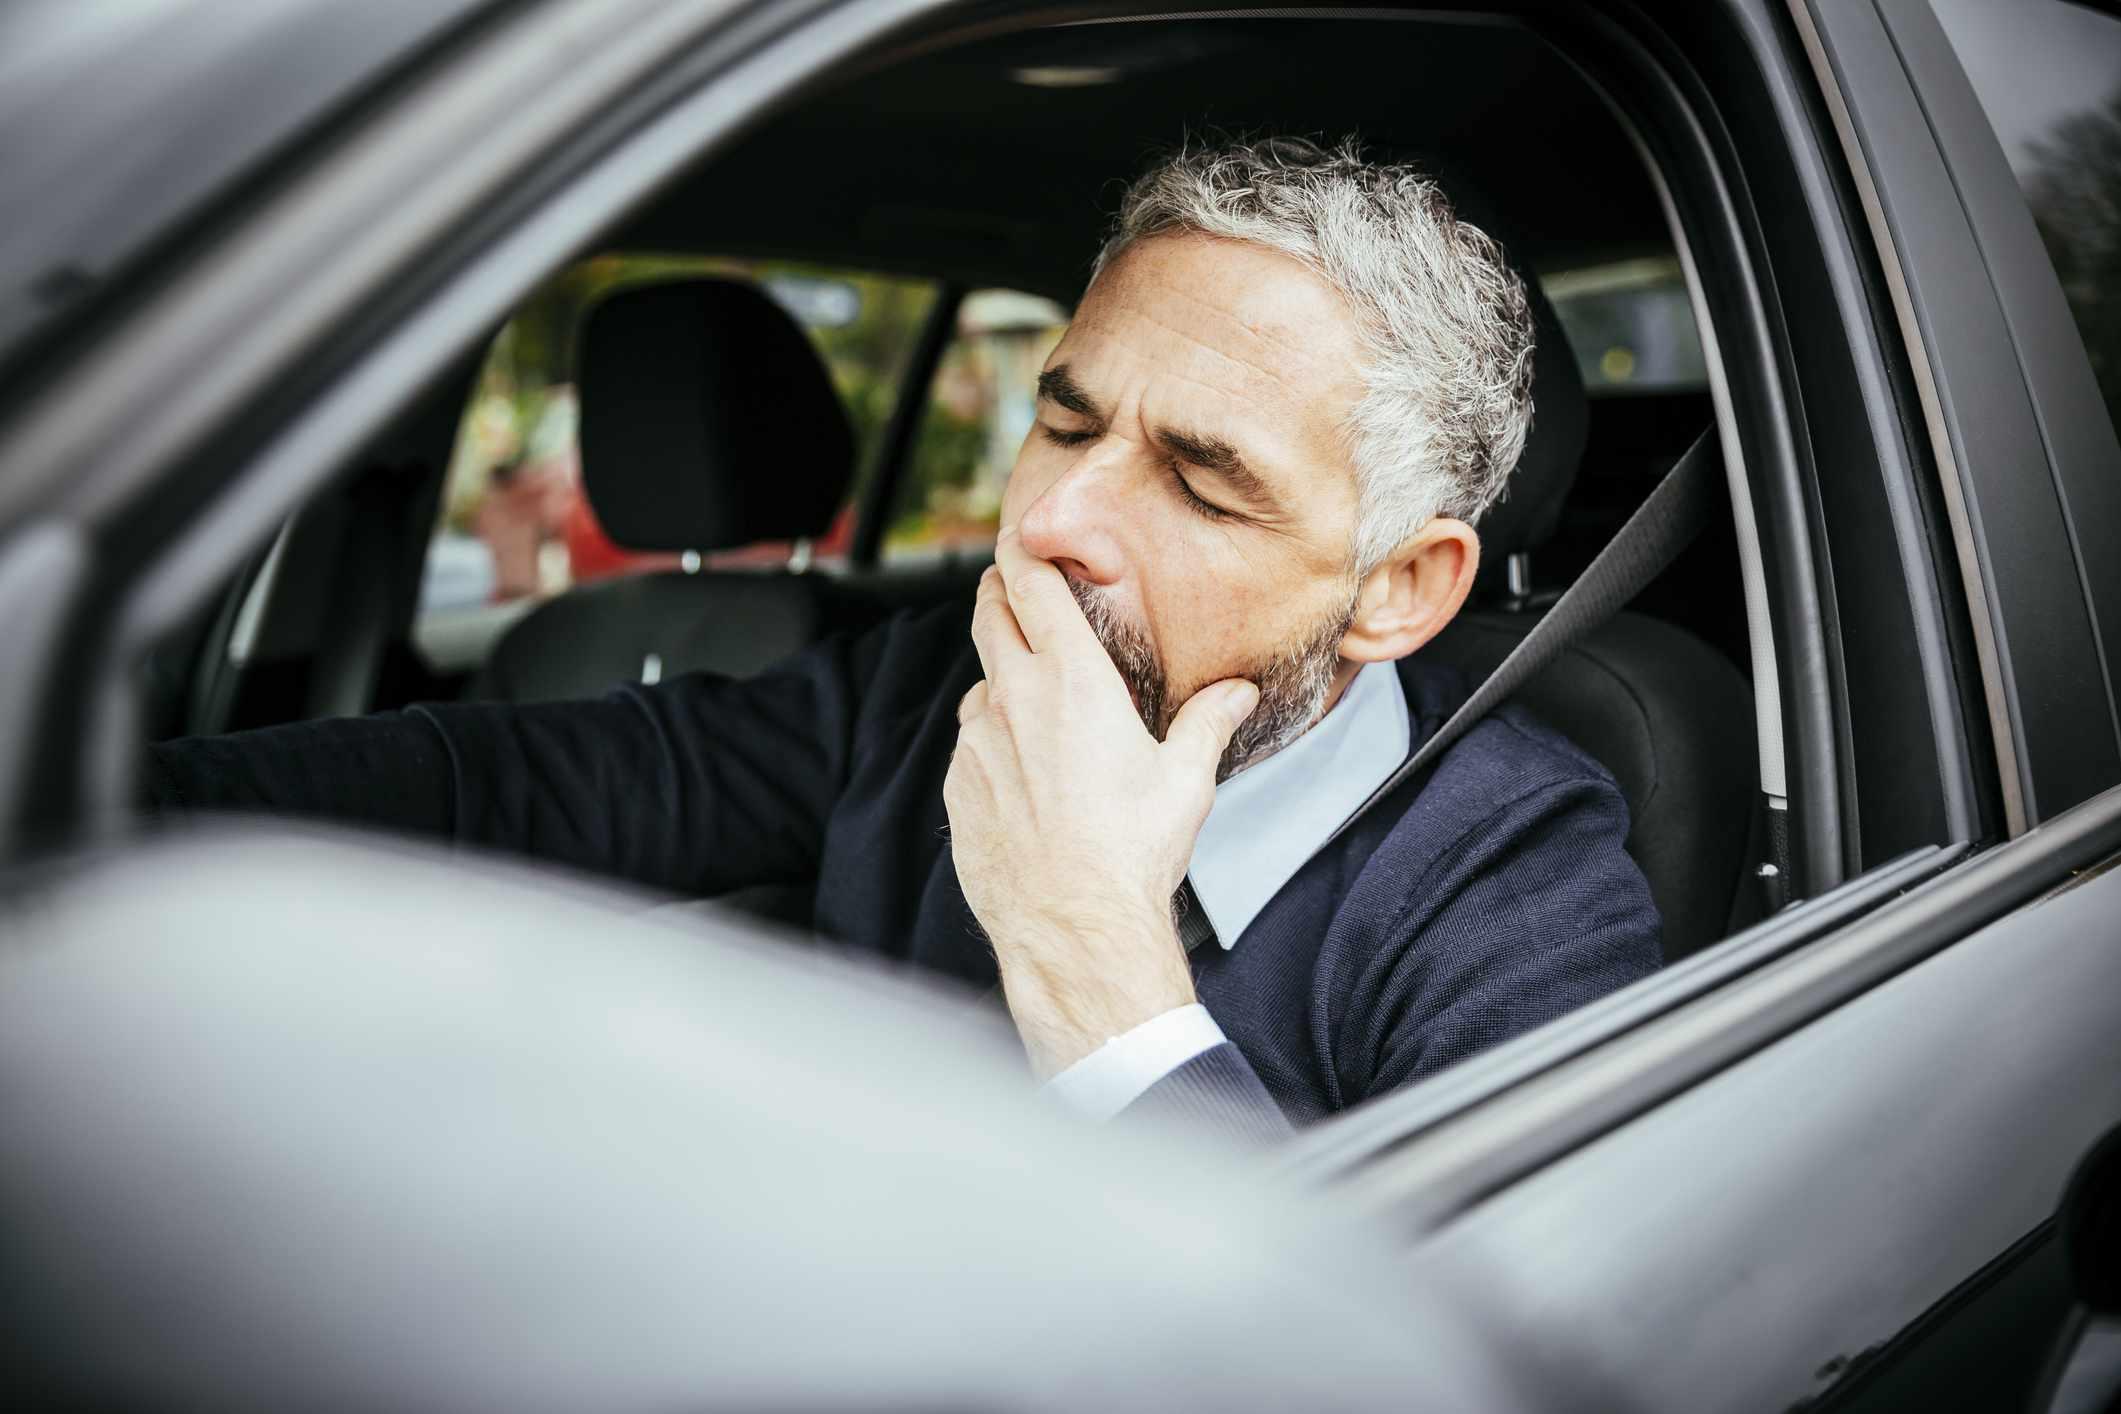 Man falling asleep behind wheel while driving